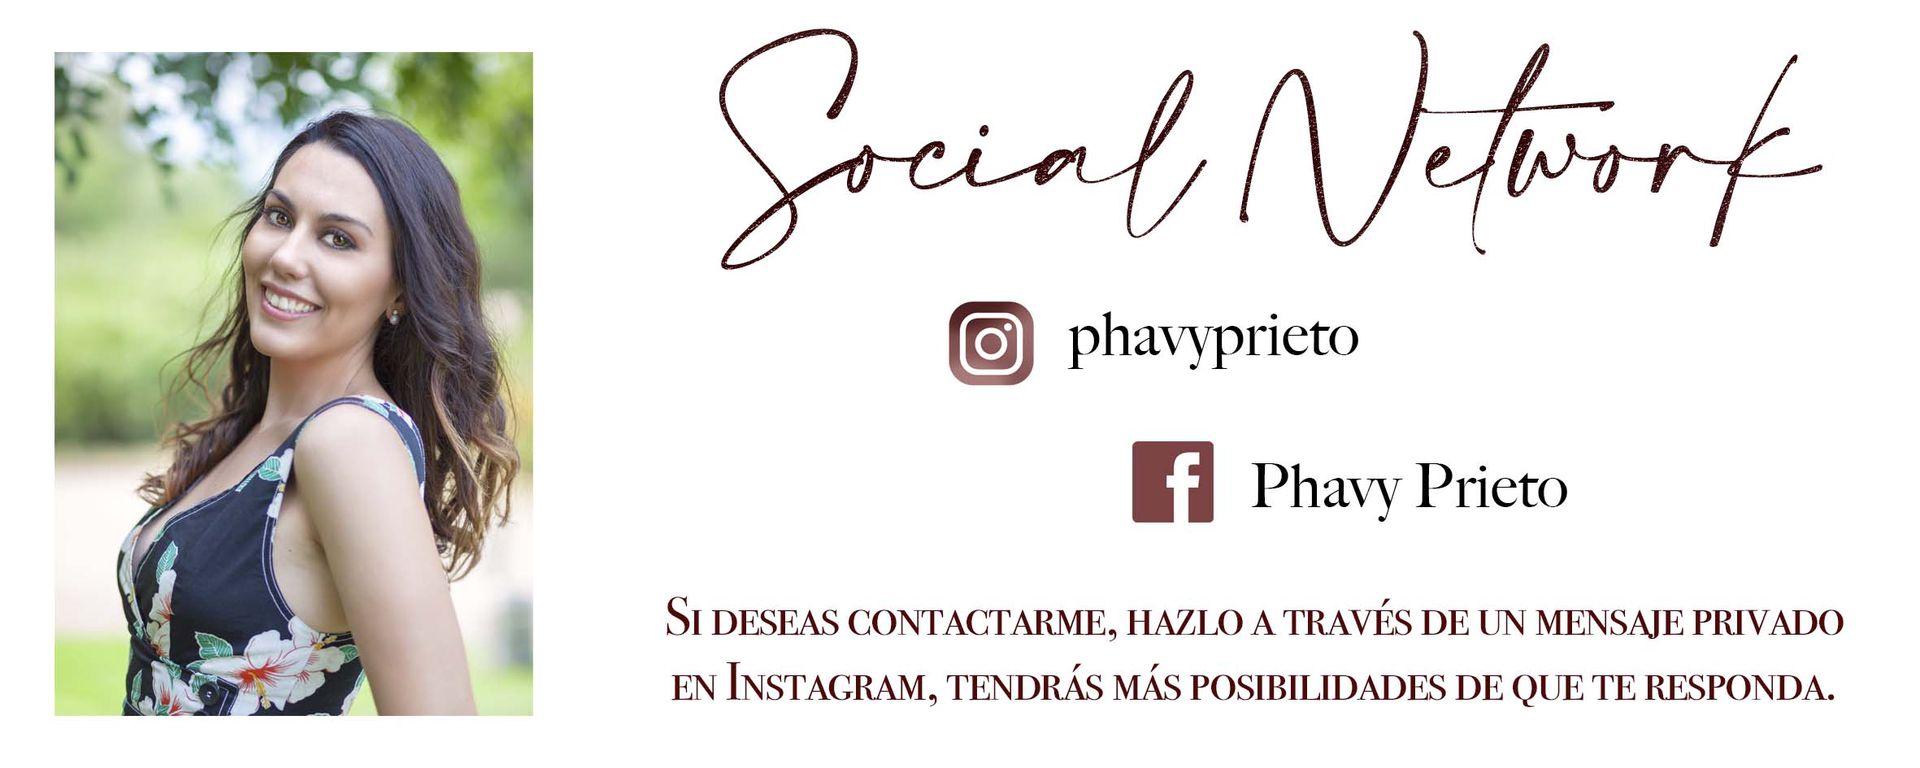 La Tercera… (Saga Ordinales nº 7) de Phavy Prieto